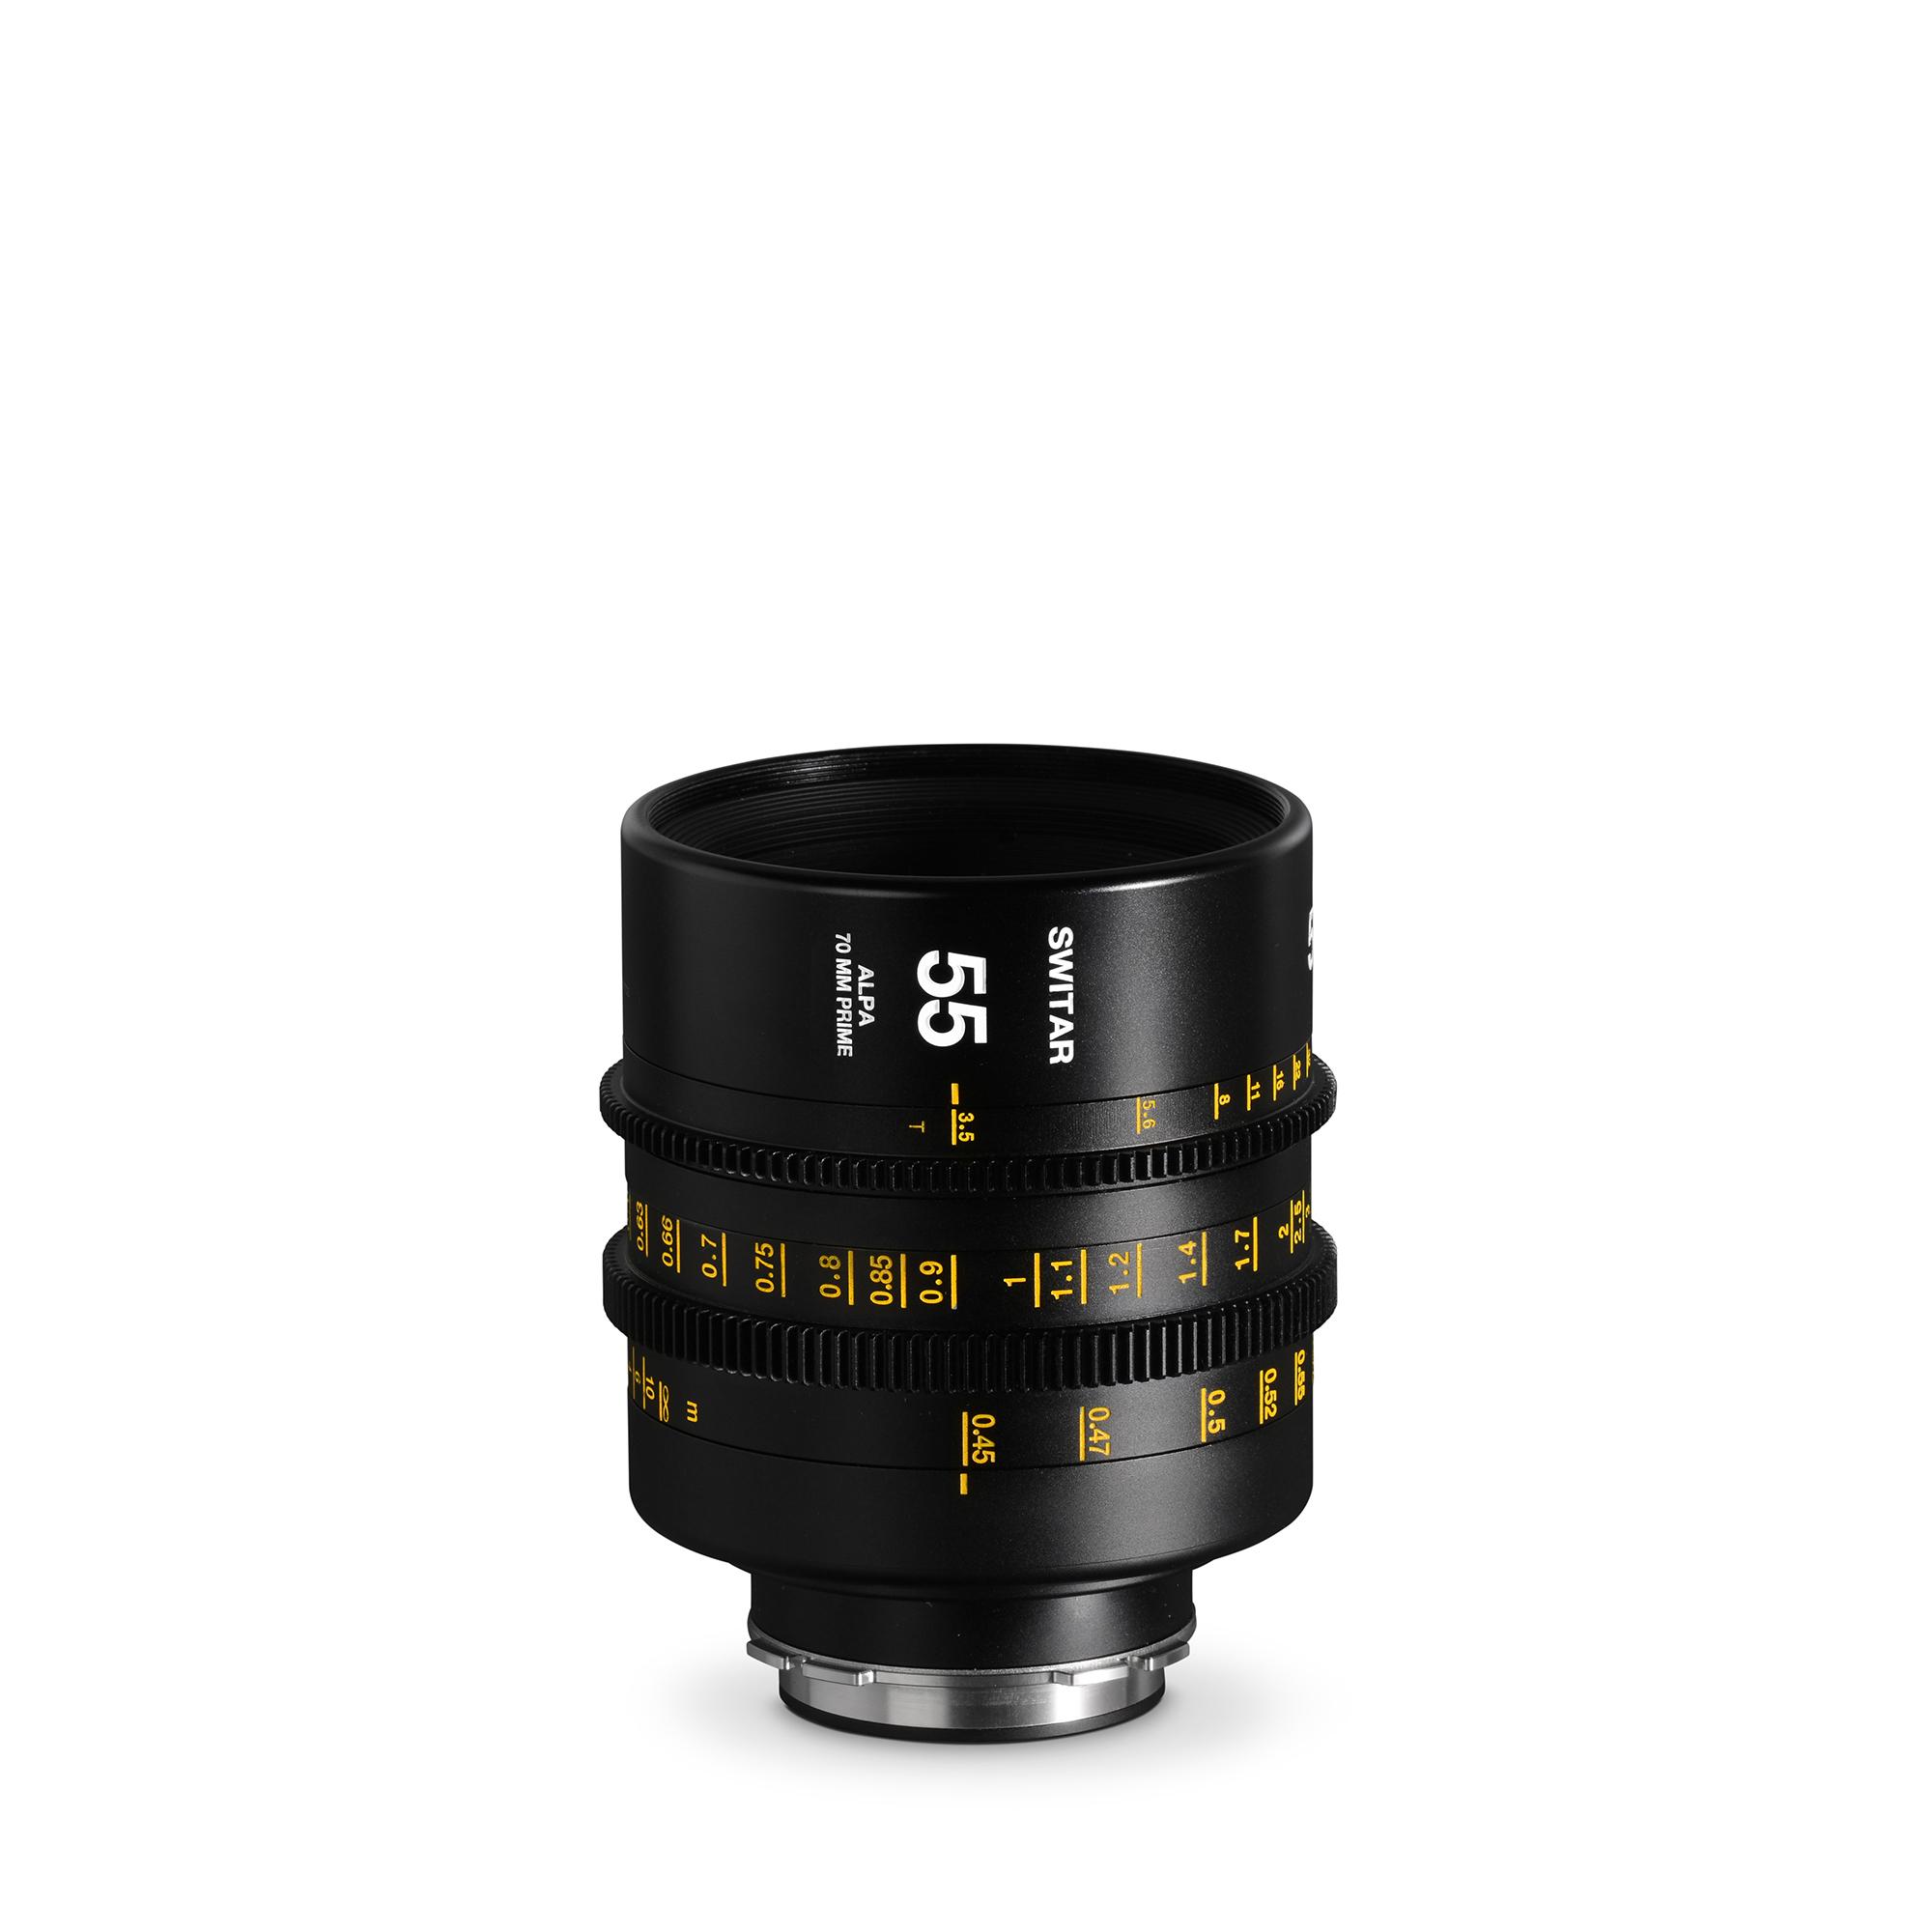 ALPA Switar 3.5/55 mm Cine Prime IC 70 mm - meters